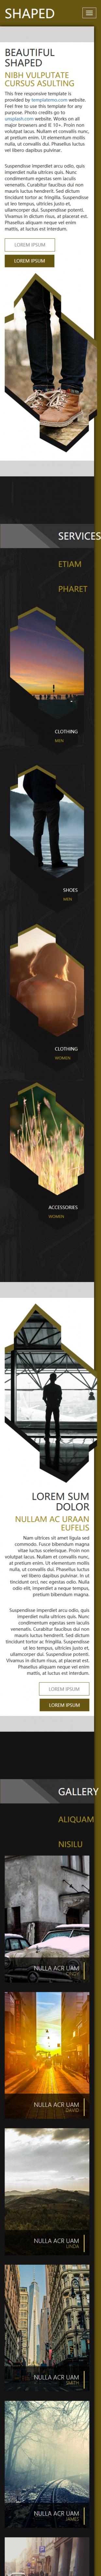 个性设计棕色牛仔服装企业英文网站模板手机图片